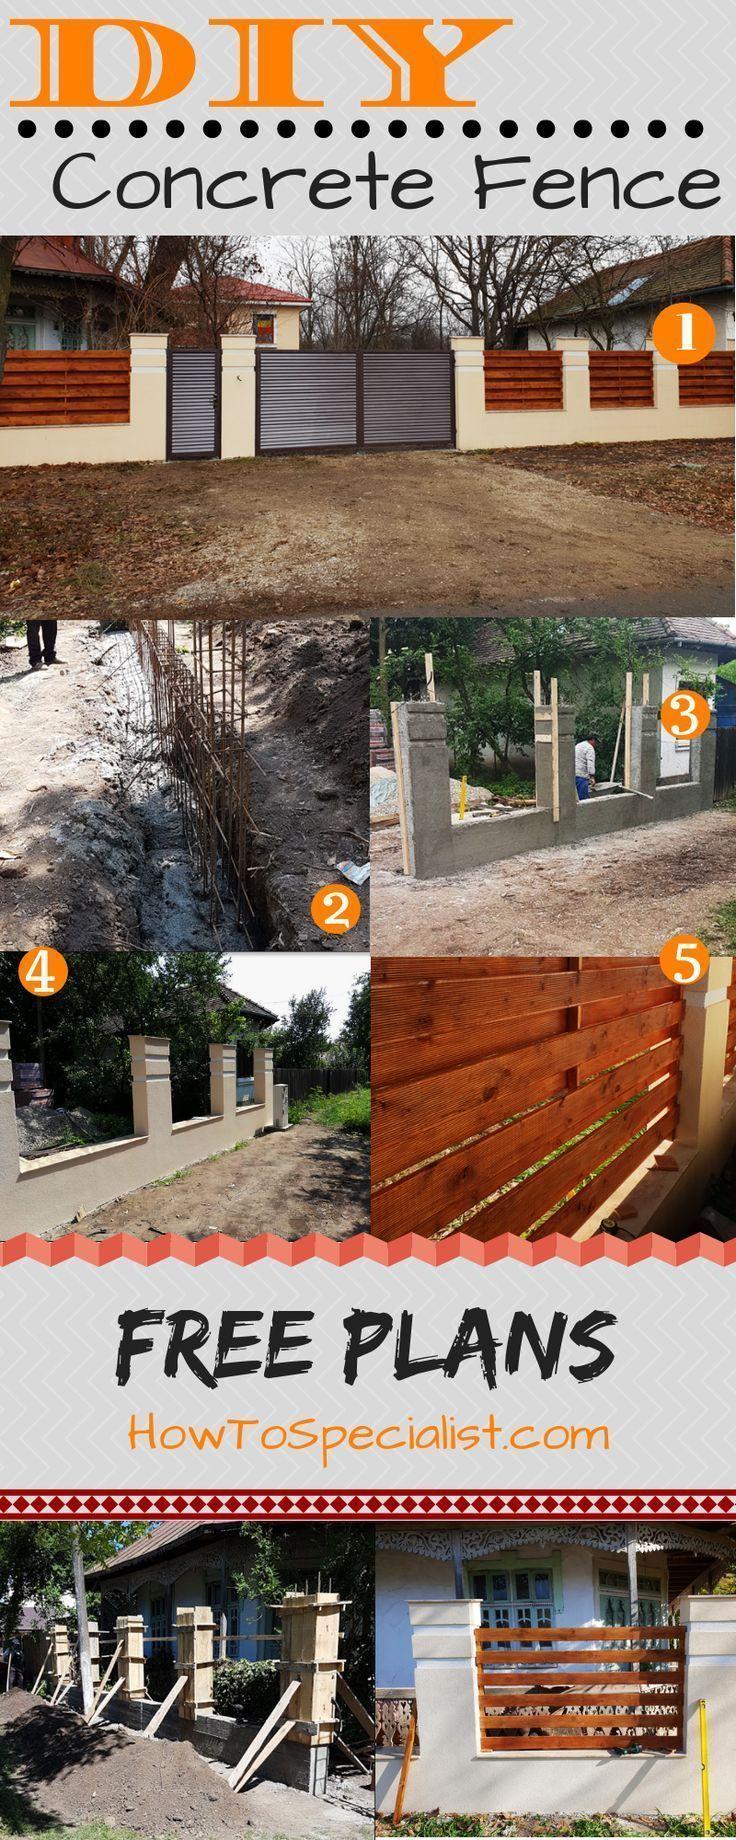 Wie Man Einen Betonzaun Baut Baut Betonzaun Einen Howtobuildafenceonconcrete Man Wie Baut Betonzaun In 2020 Betonzaun Pergola Bauen Zaun Selbstgemacht